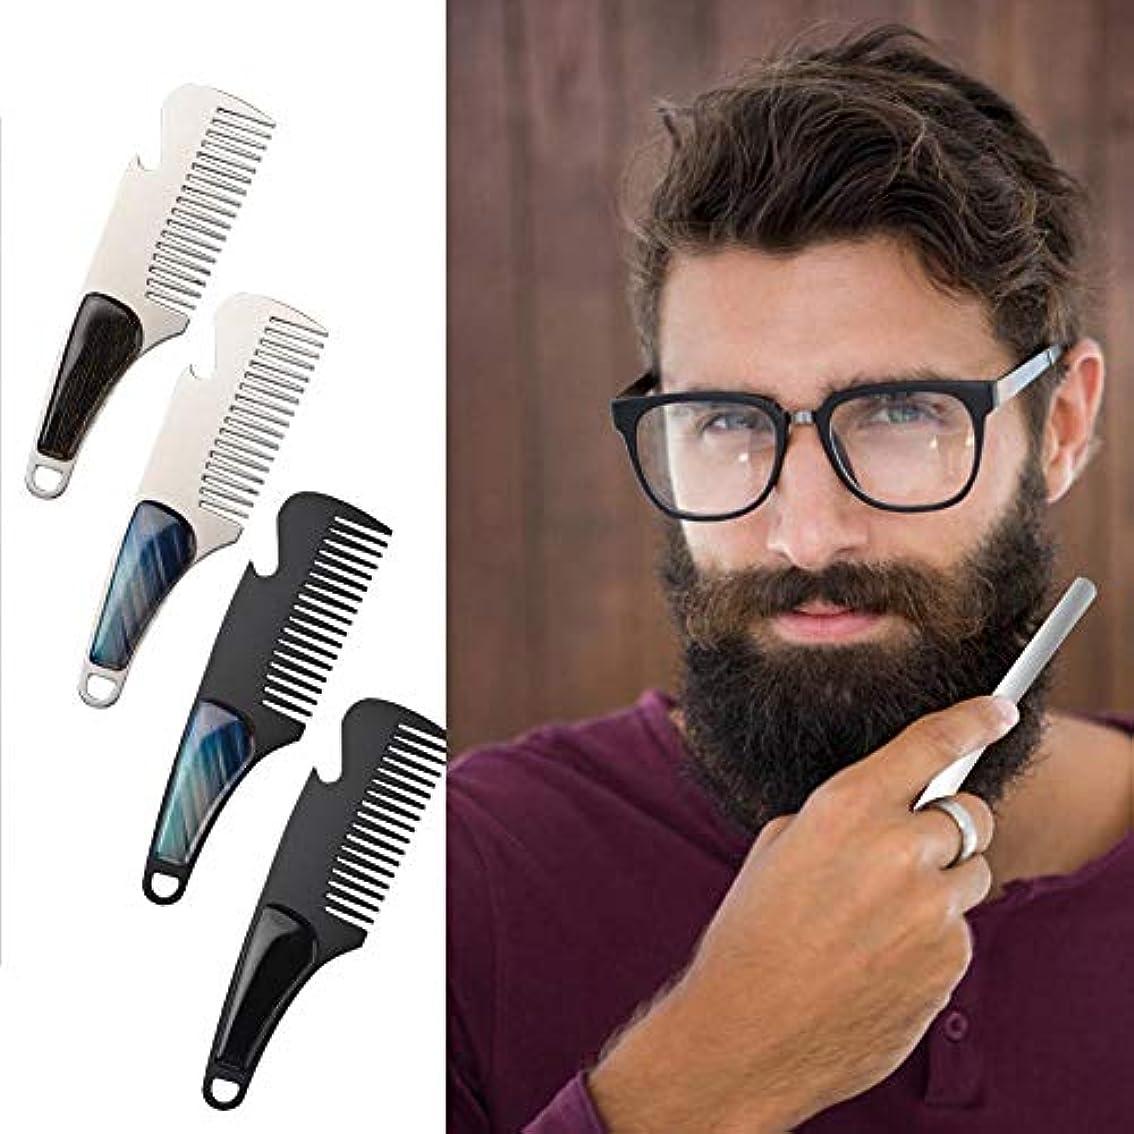 順応性のある不可能なスイングメンズミニ髭櫛、多機能髭櫛、ステンレススチール製携帯用櫛櫛、多機能髭櫛、4色帯電防止櫛4色(1#)